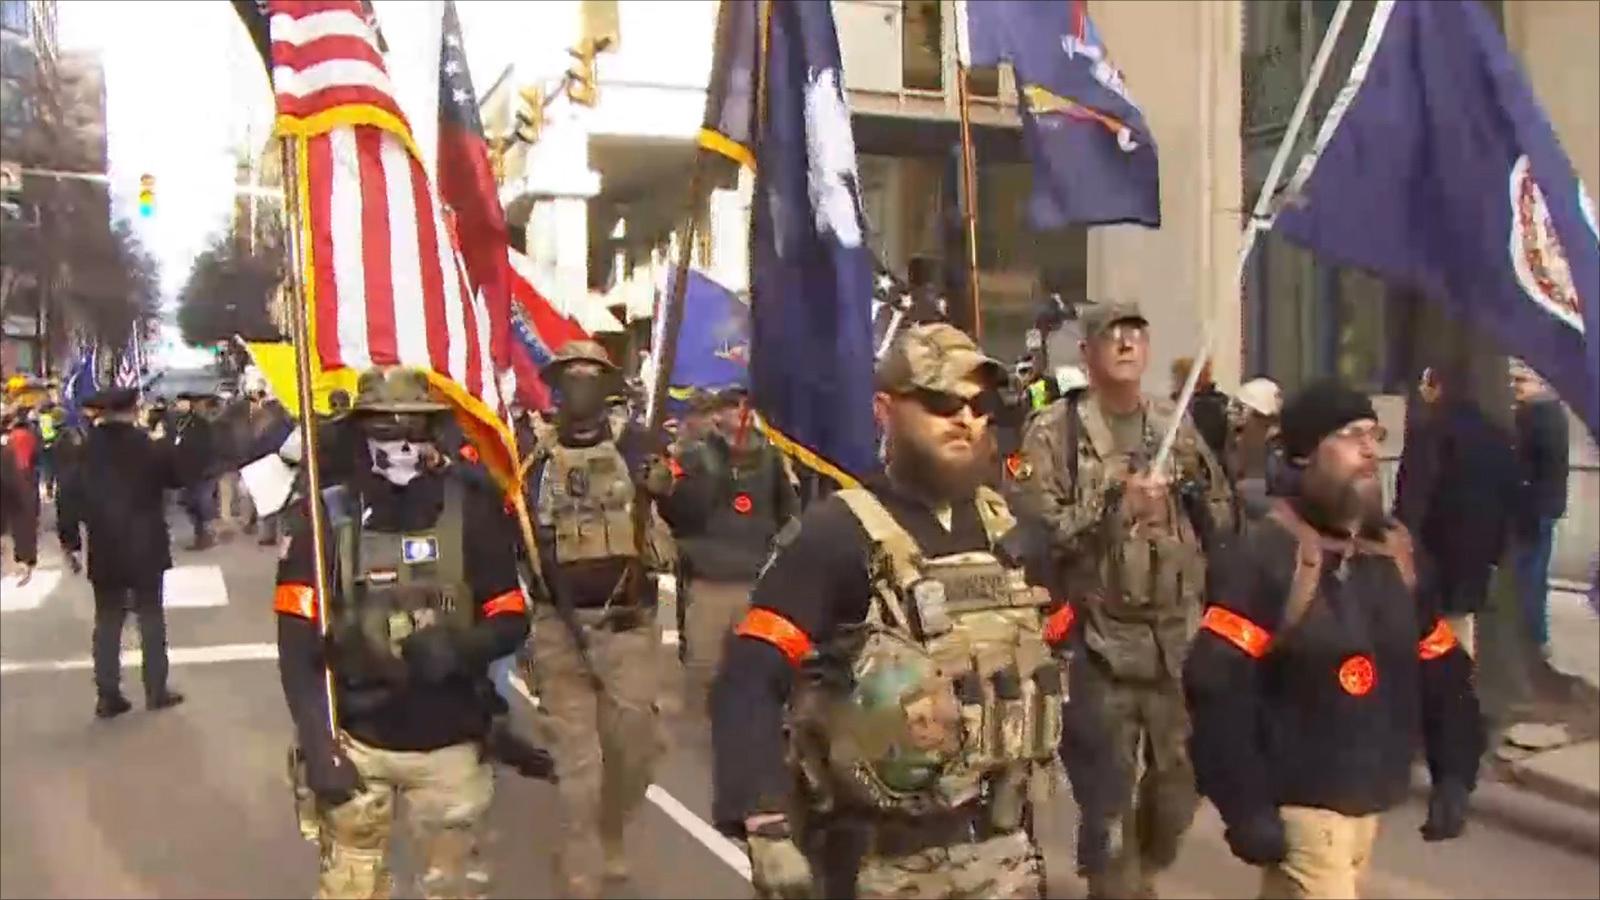 انتهت بسلام.. مظاهرة بولاية أميركية ضد تقييد حمل السلاح - aljazeera.net